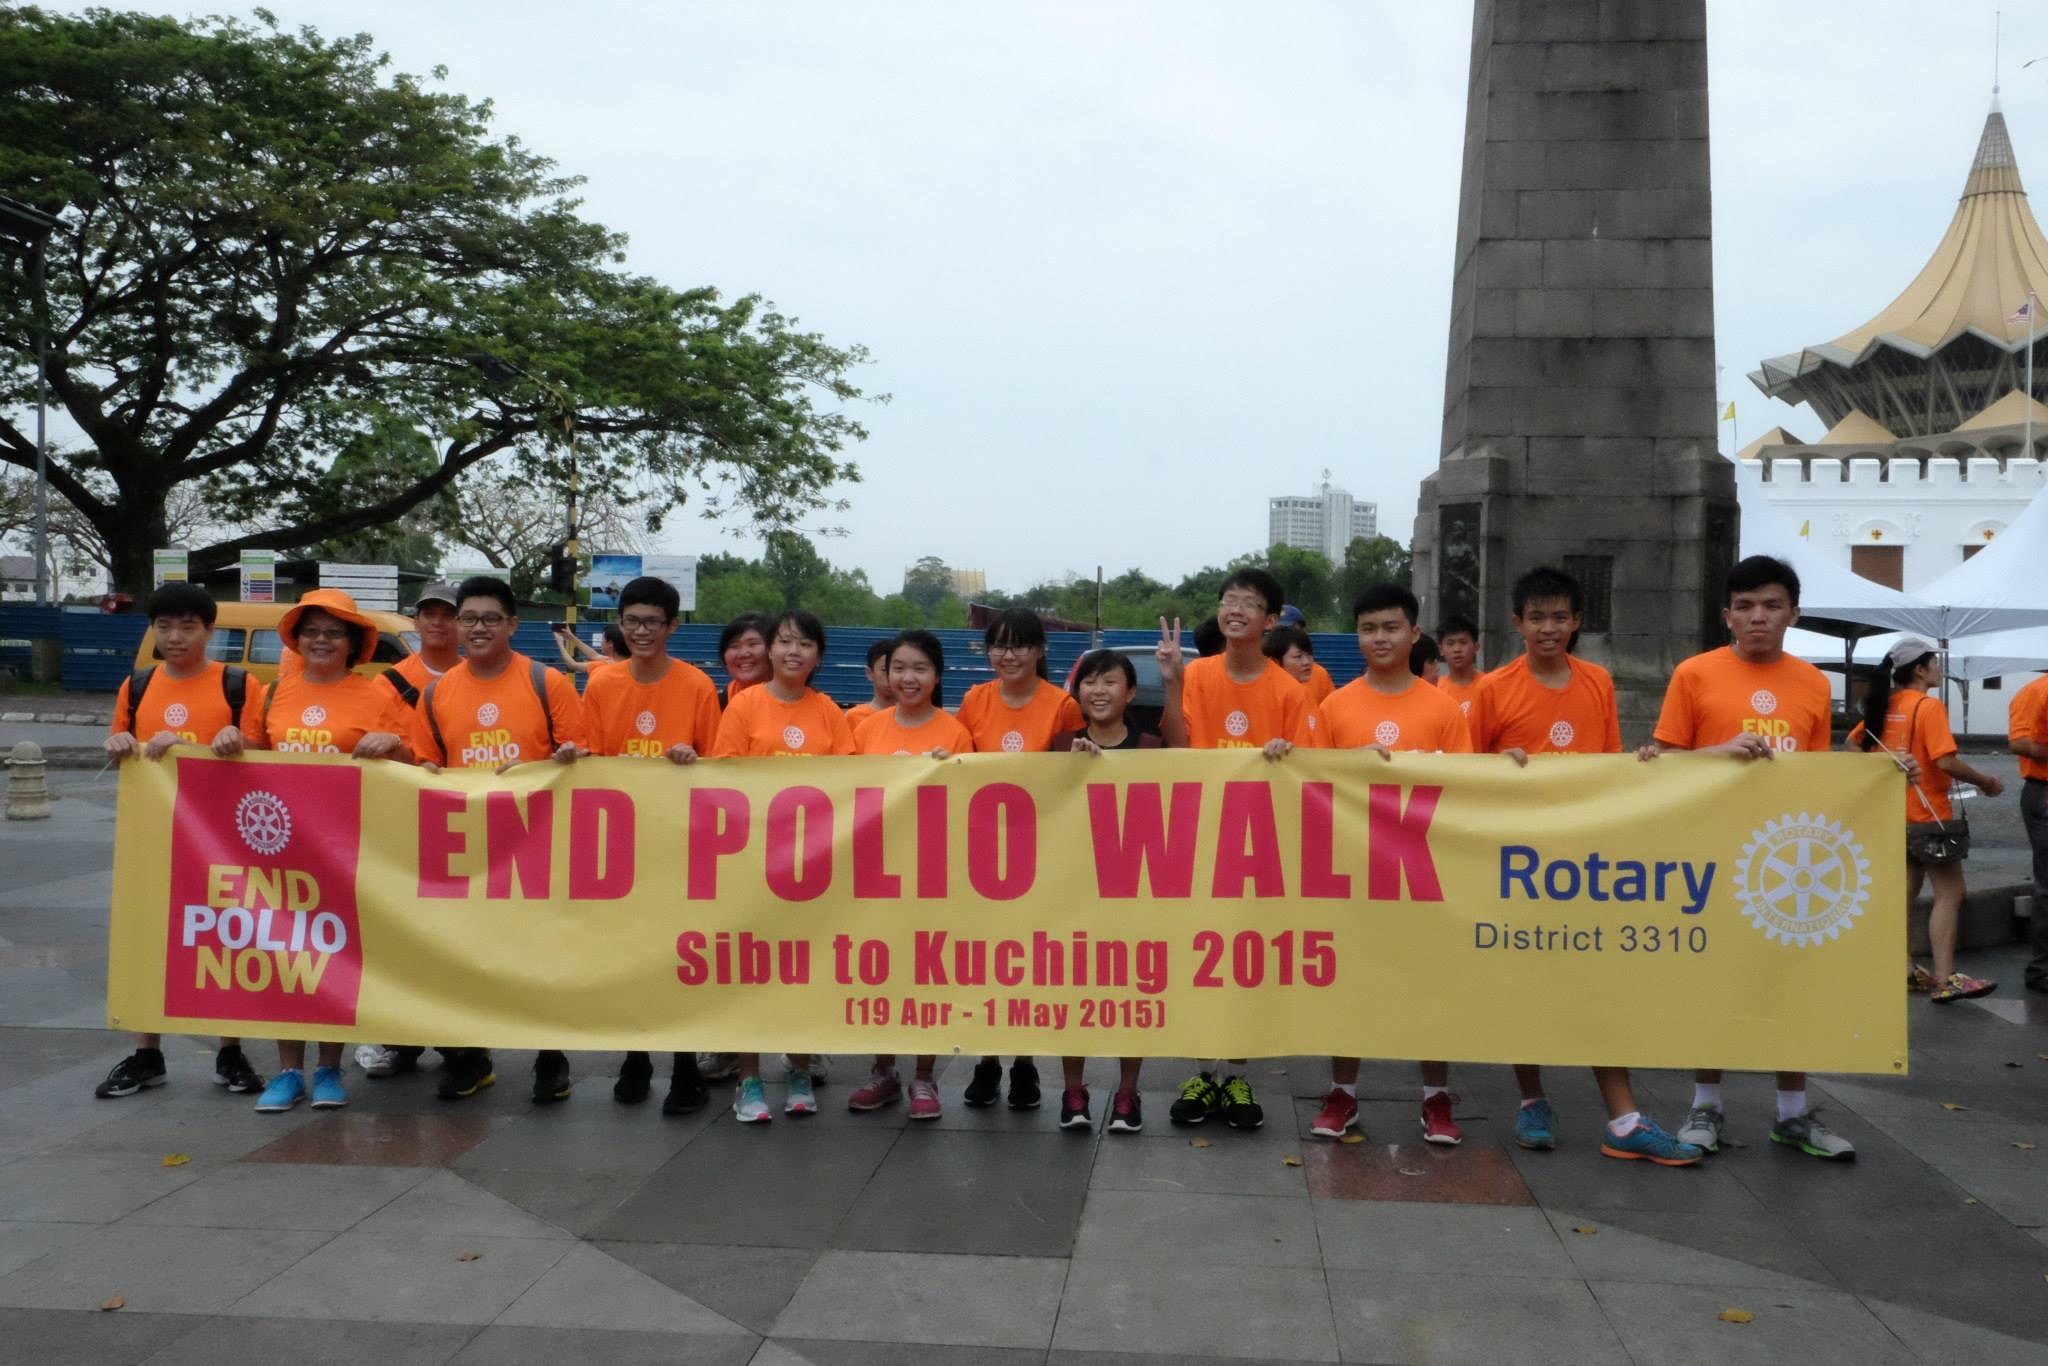 End Polio Walk